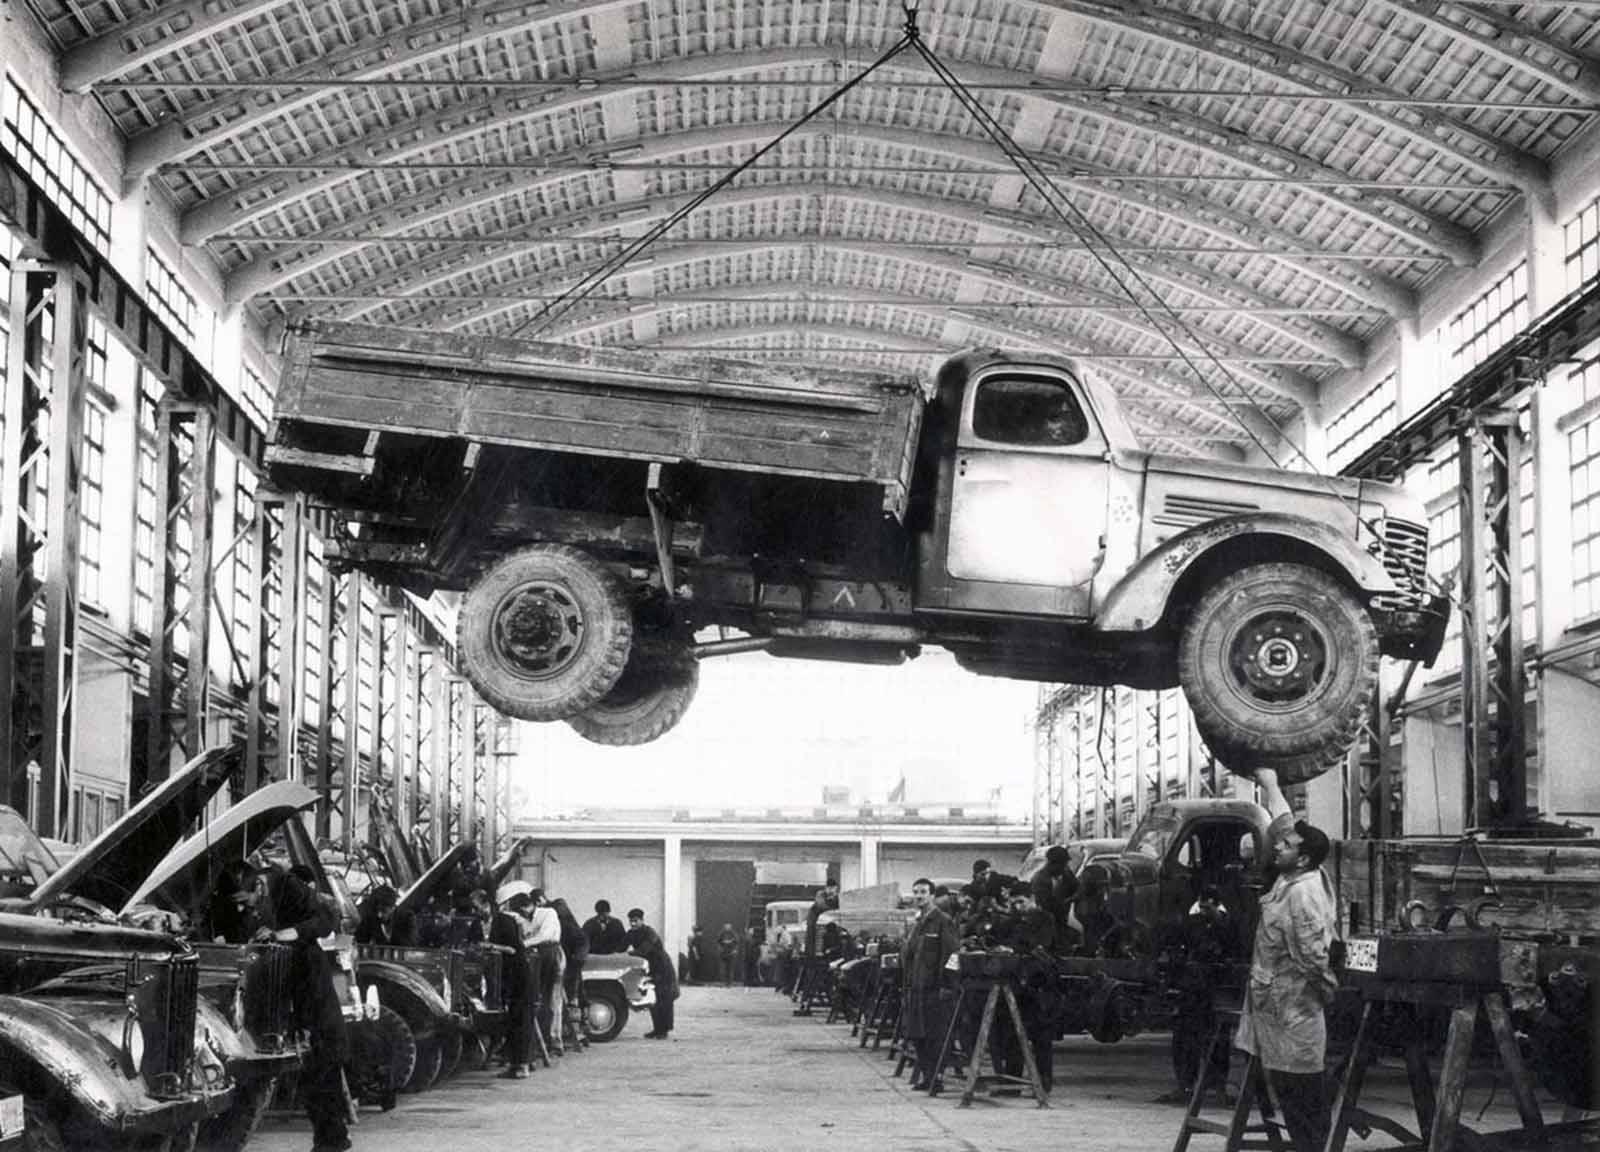 Un trabajador afgano verifica un camión de fabricación rusa en la fábrica de Kabul Janagalak en una fecha no especificada. La fábrica situada en el centro de la ciudad como la única firma para fabricar chasis de vehículos fue saqueada, como otras propiedades públicas en la capital afgana, durante el gobierno de los mujahedines afganos de 1992 a 1996.